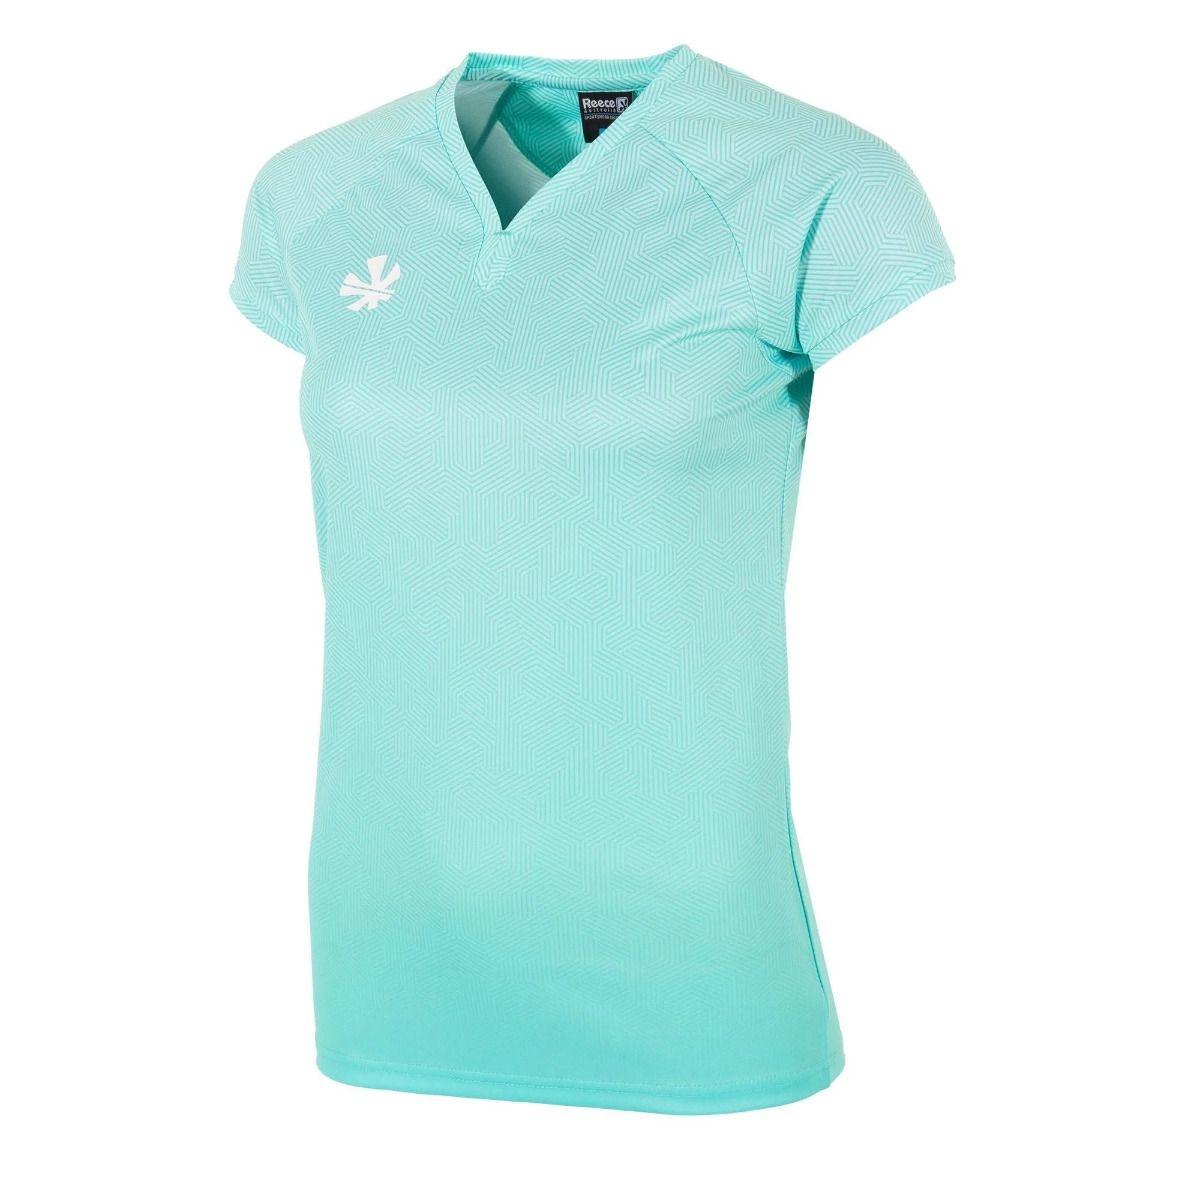 Reece Reece Ellis shirt mint